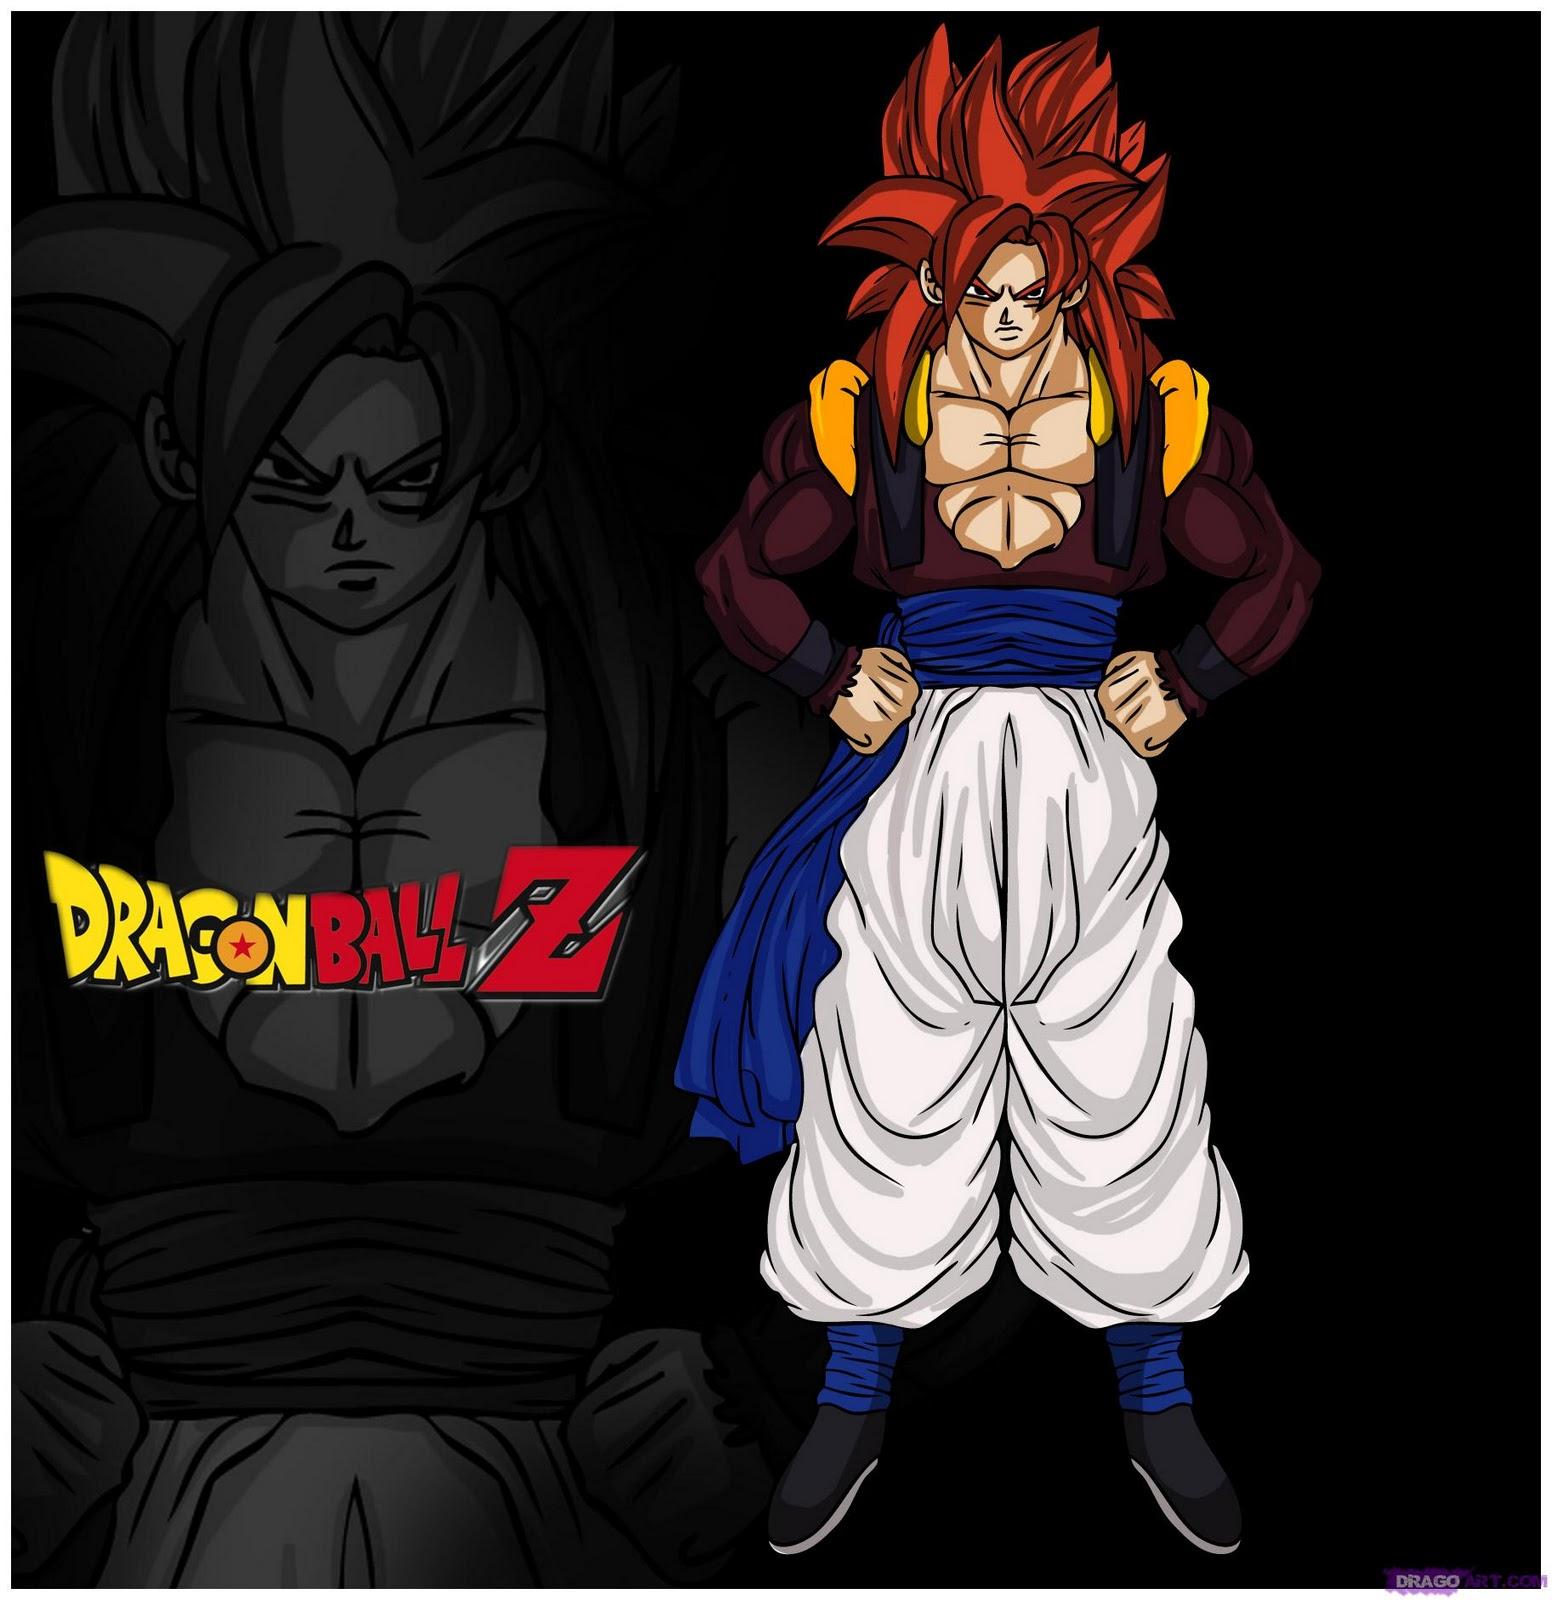 Dragon ball z super saiyan 4 - Dragon ball z 4 ...